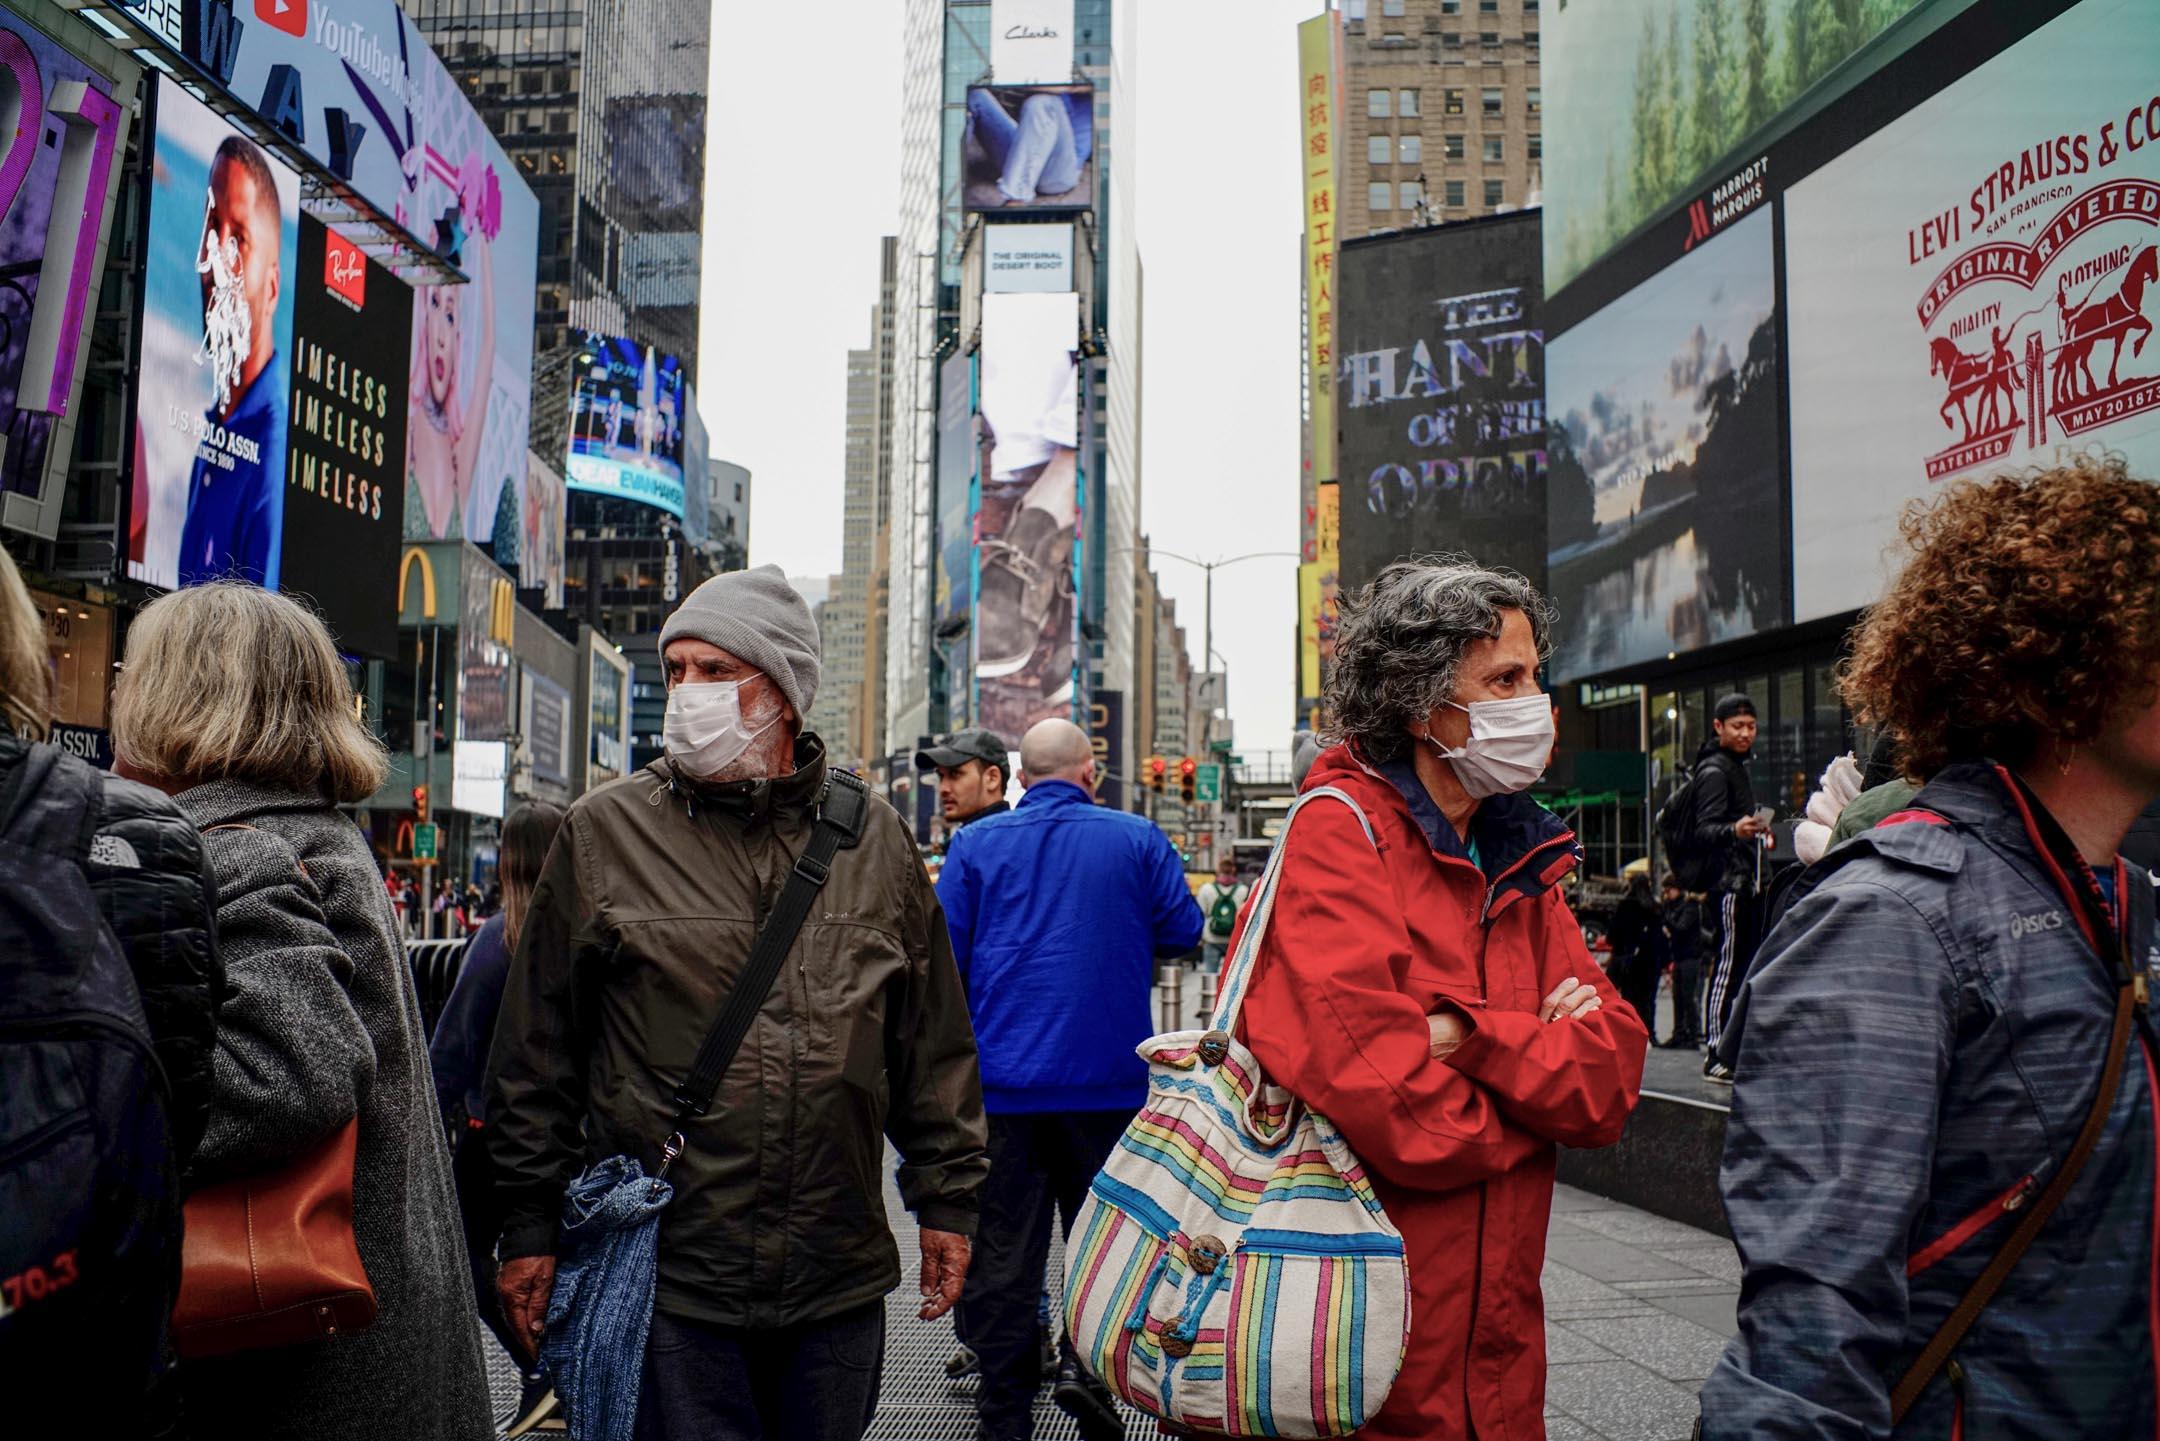 2020年3月3日,紐約時代廣場不少人人戴上口罩。 攝:Eduardo Munoz / VIEWpress via Getty Images